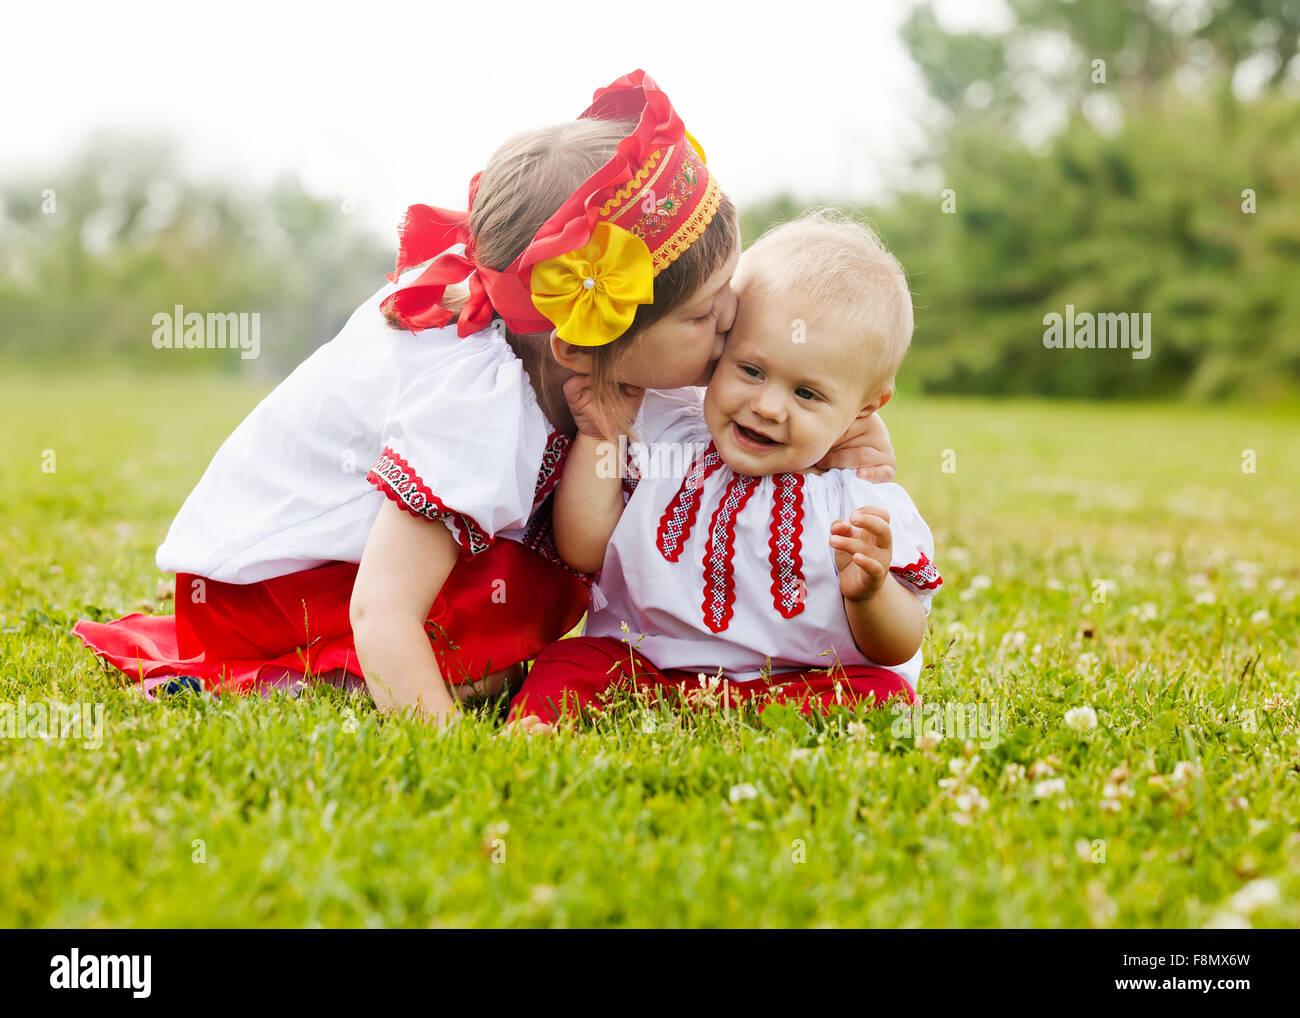 Zwei Gluckliche Kinder In Der Russischen Folklore Kleidung Auf Dem